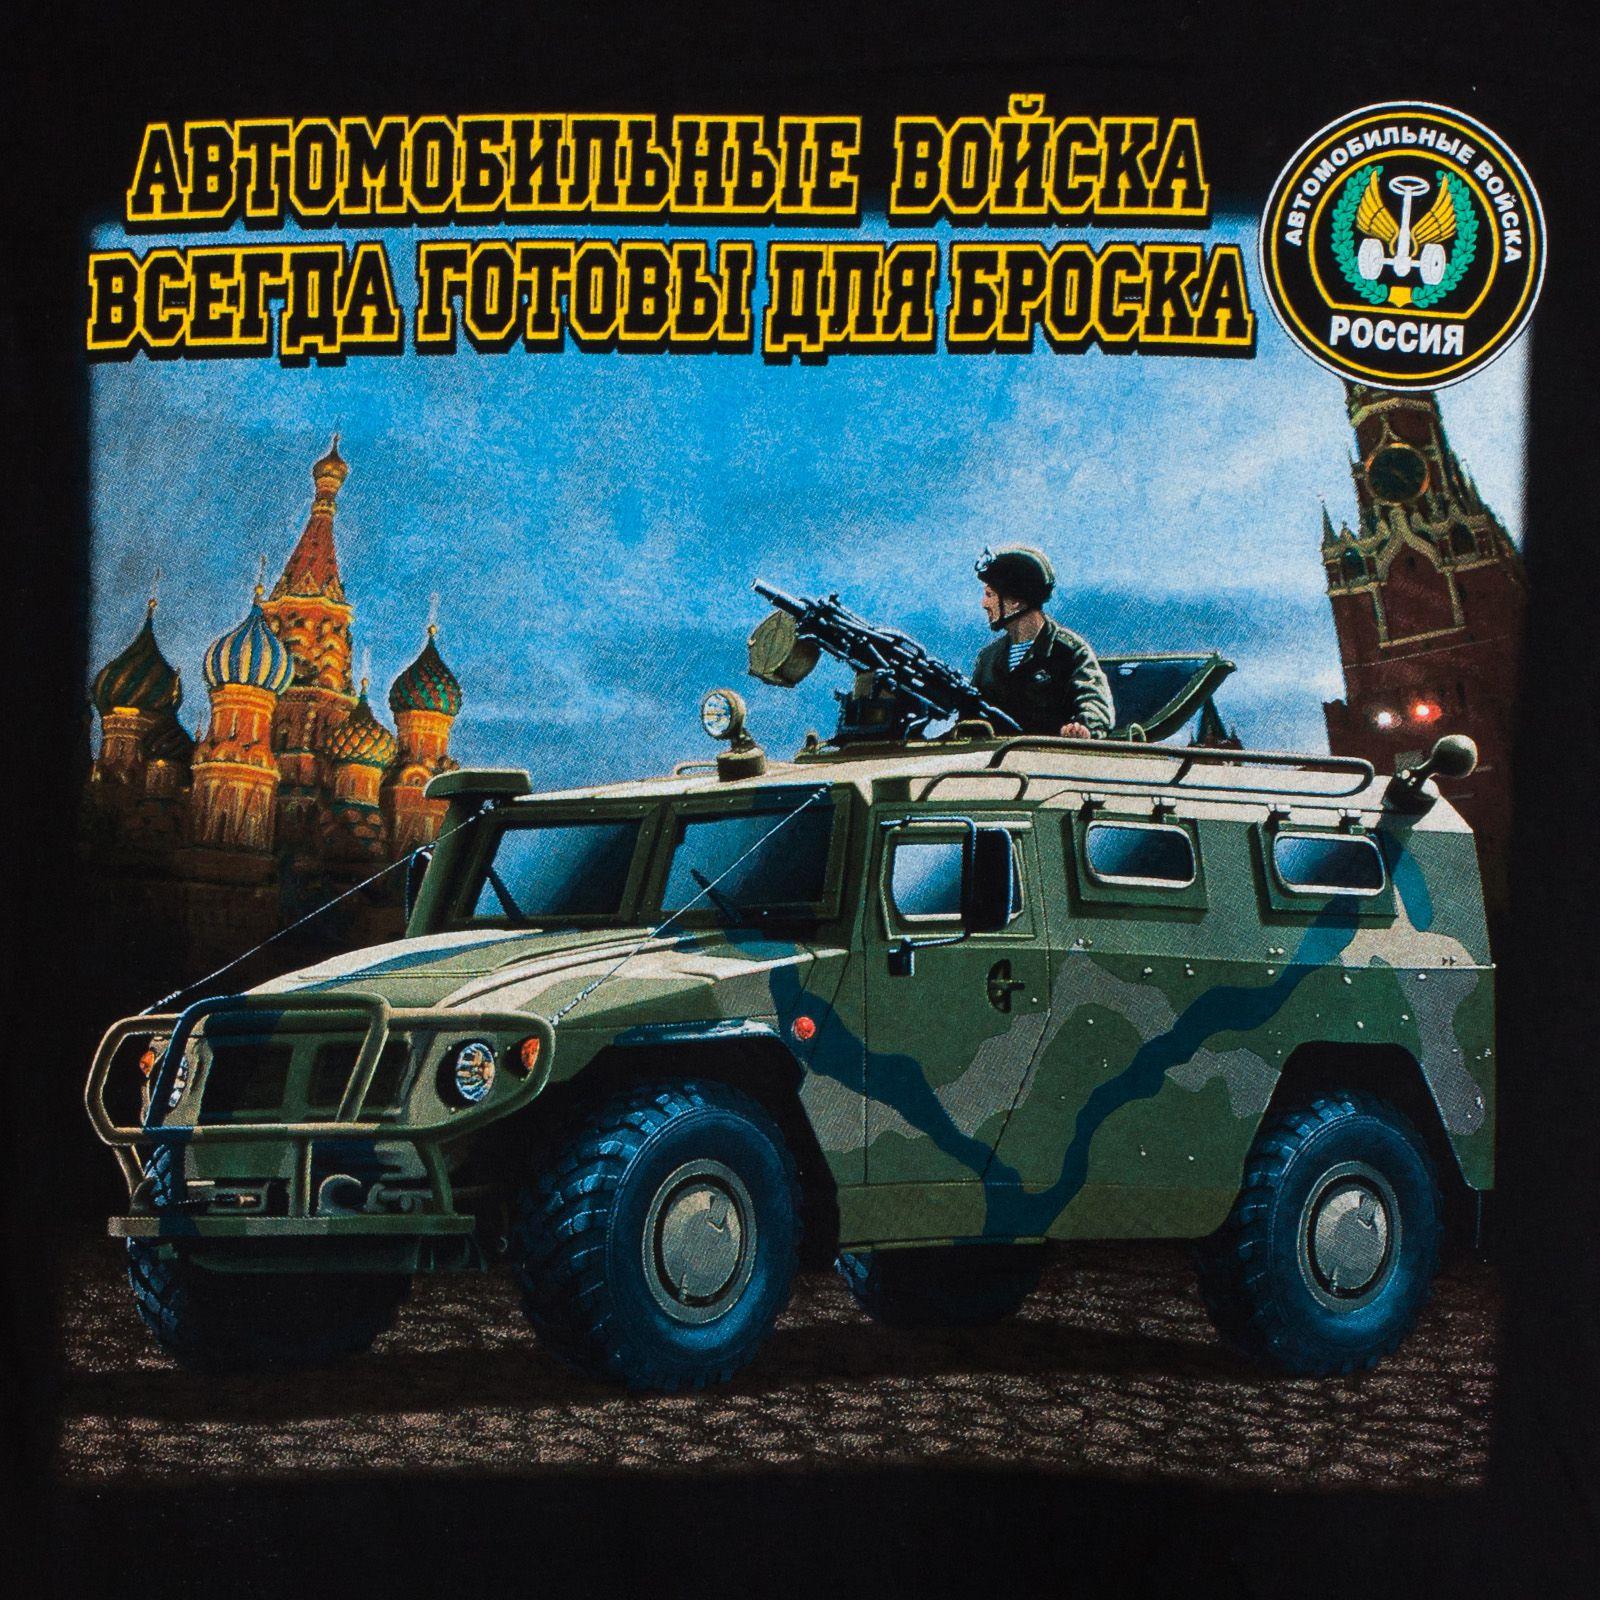 Футболка «Автомобильные Войска» - цветной принт